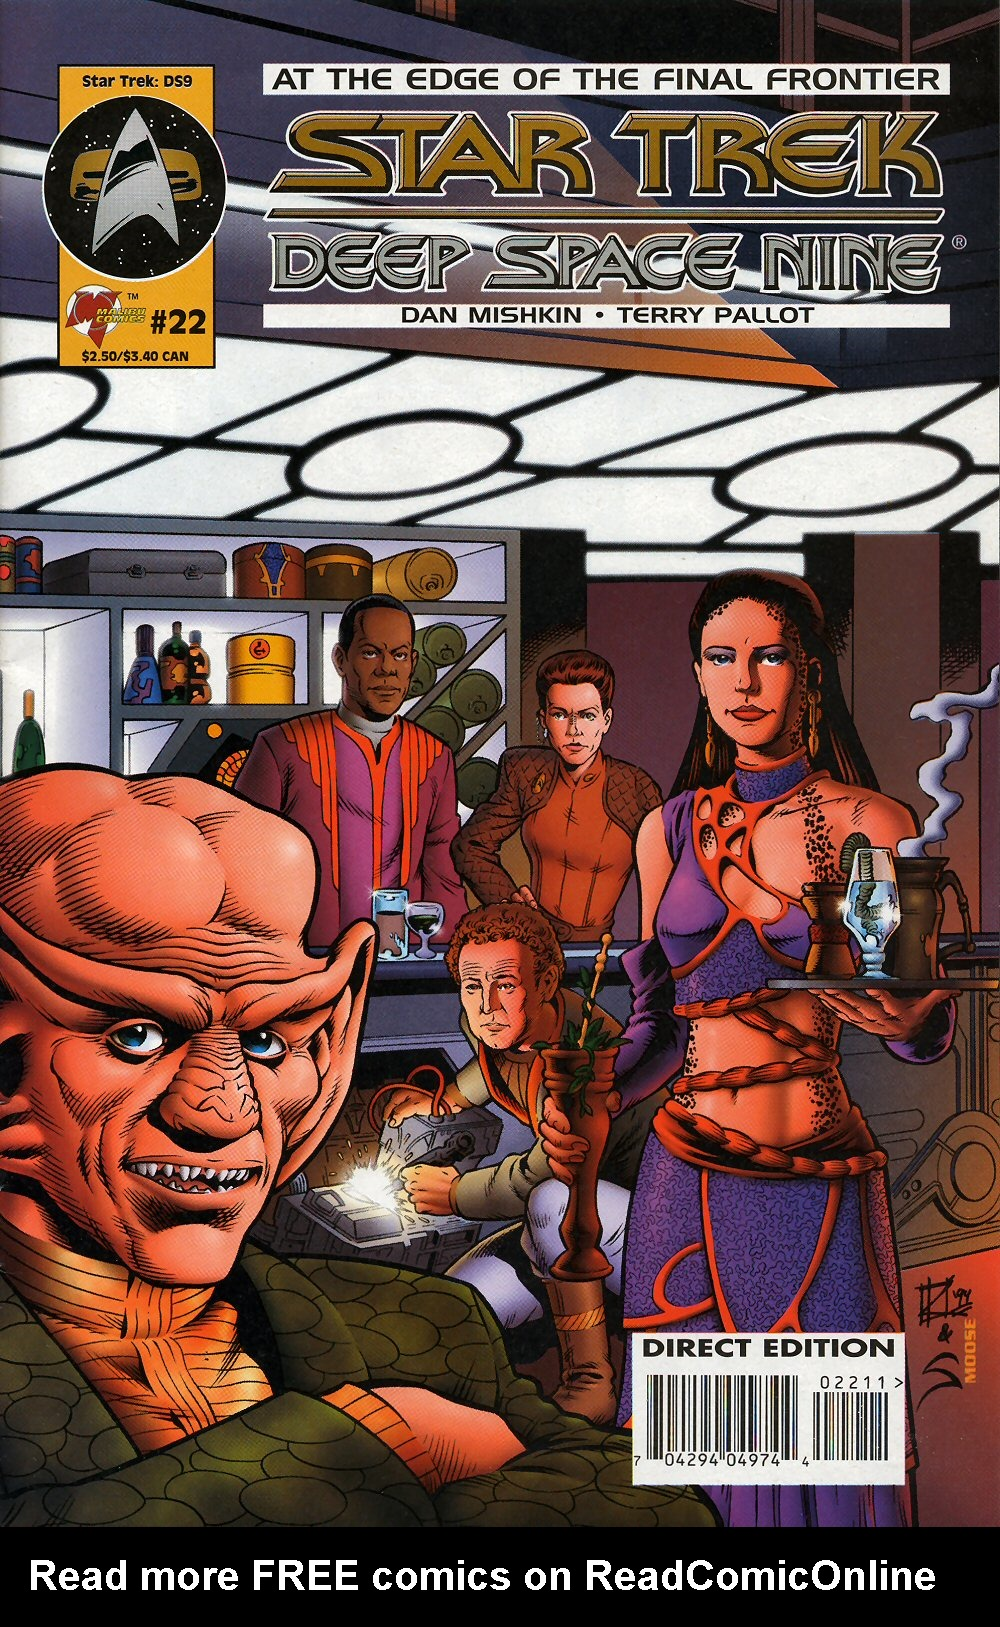 Deep Space Nine Malibu Comic Book #20 Star Trek 1995